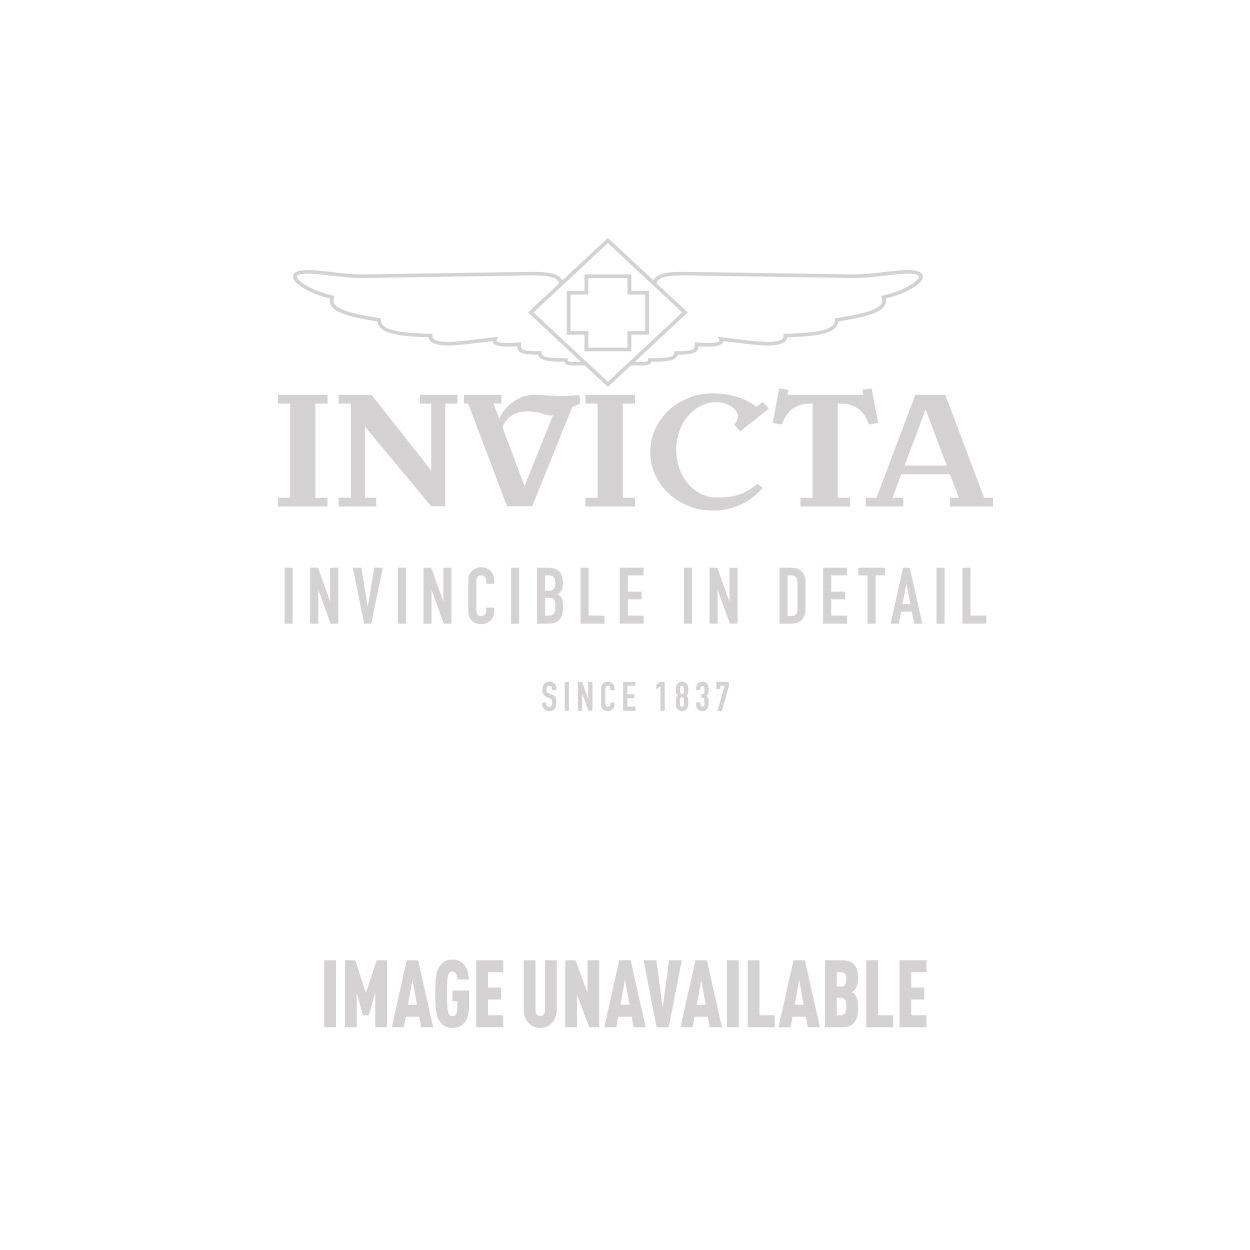 Invicta Model 25059